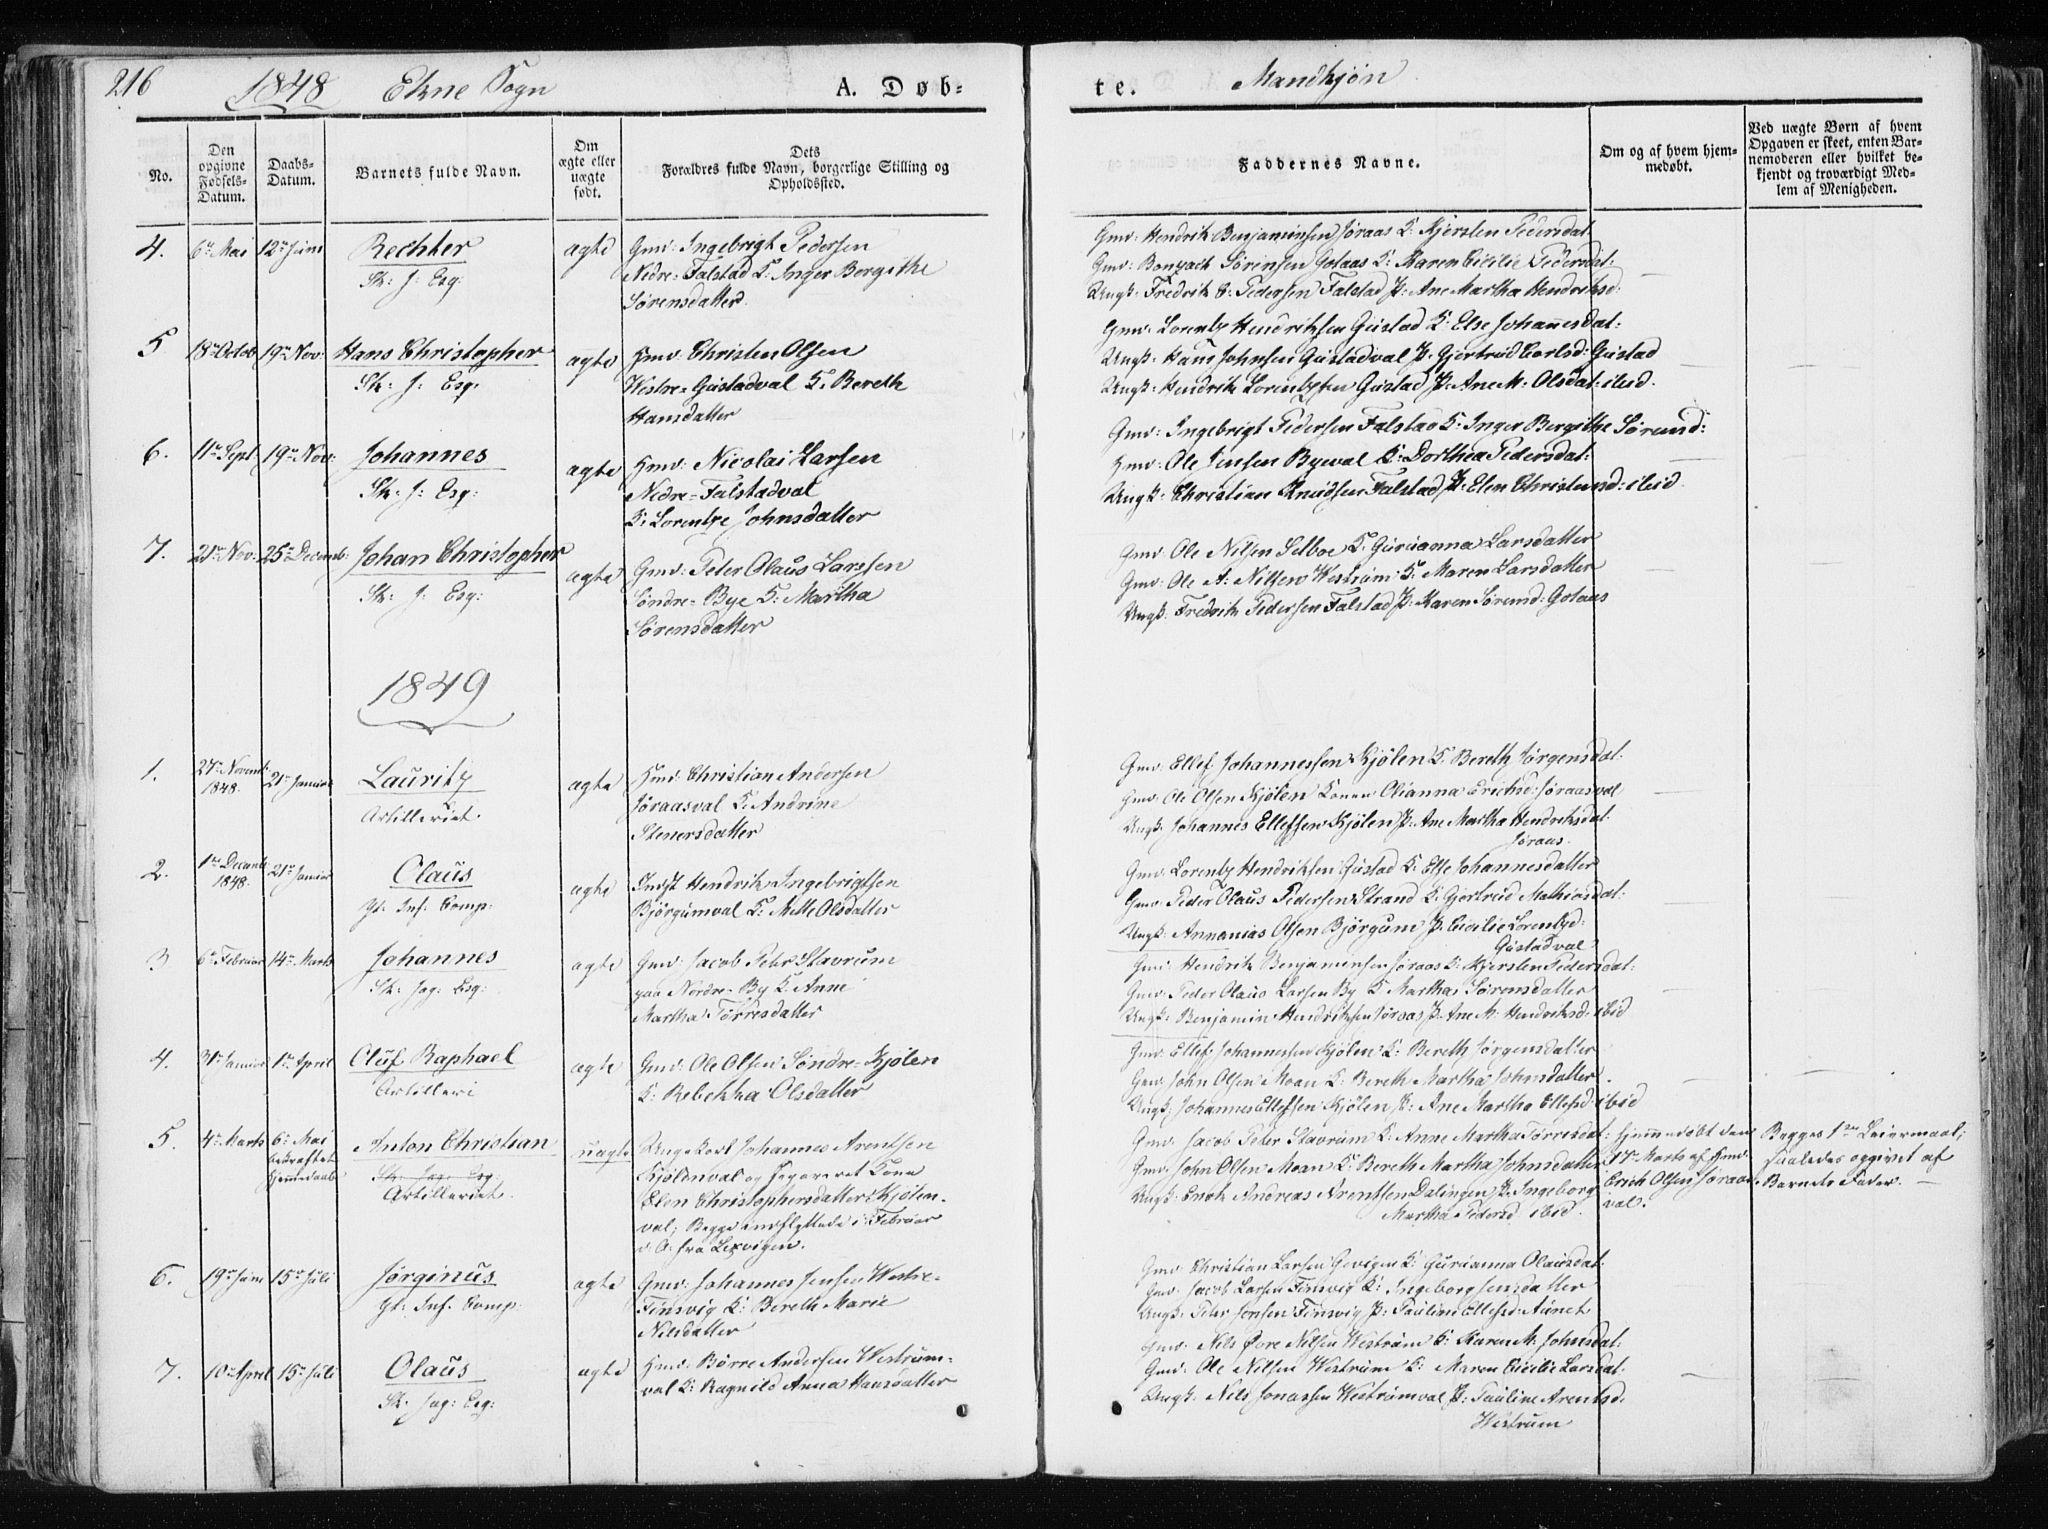 SAT, Ministerialprotokoller, klokkerbøker og fødselsregistre - Nord-Trøndelag, 717/L0154: Ministerialbok nr. 717A06 /2, 1836-1849, s. 216